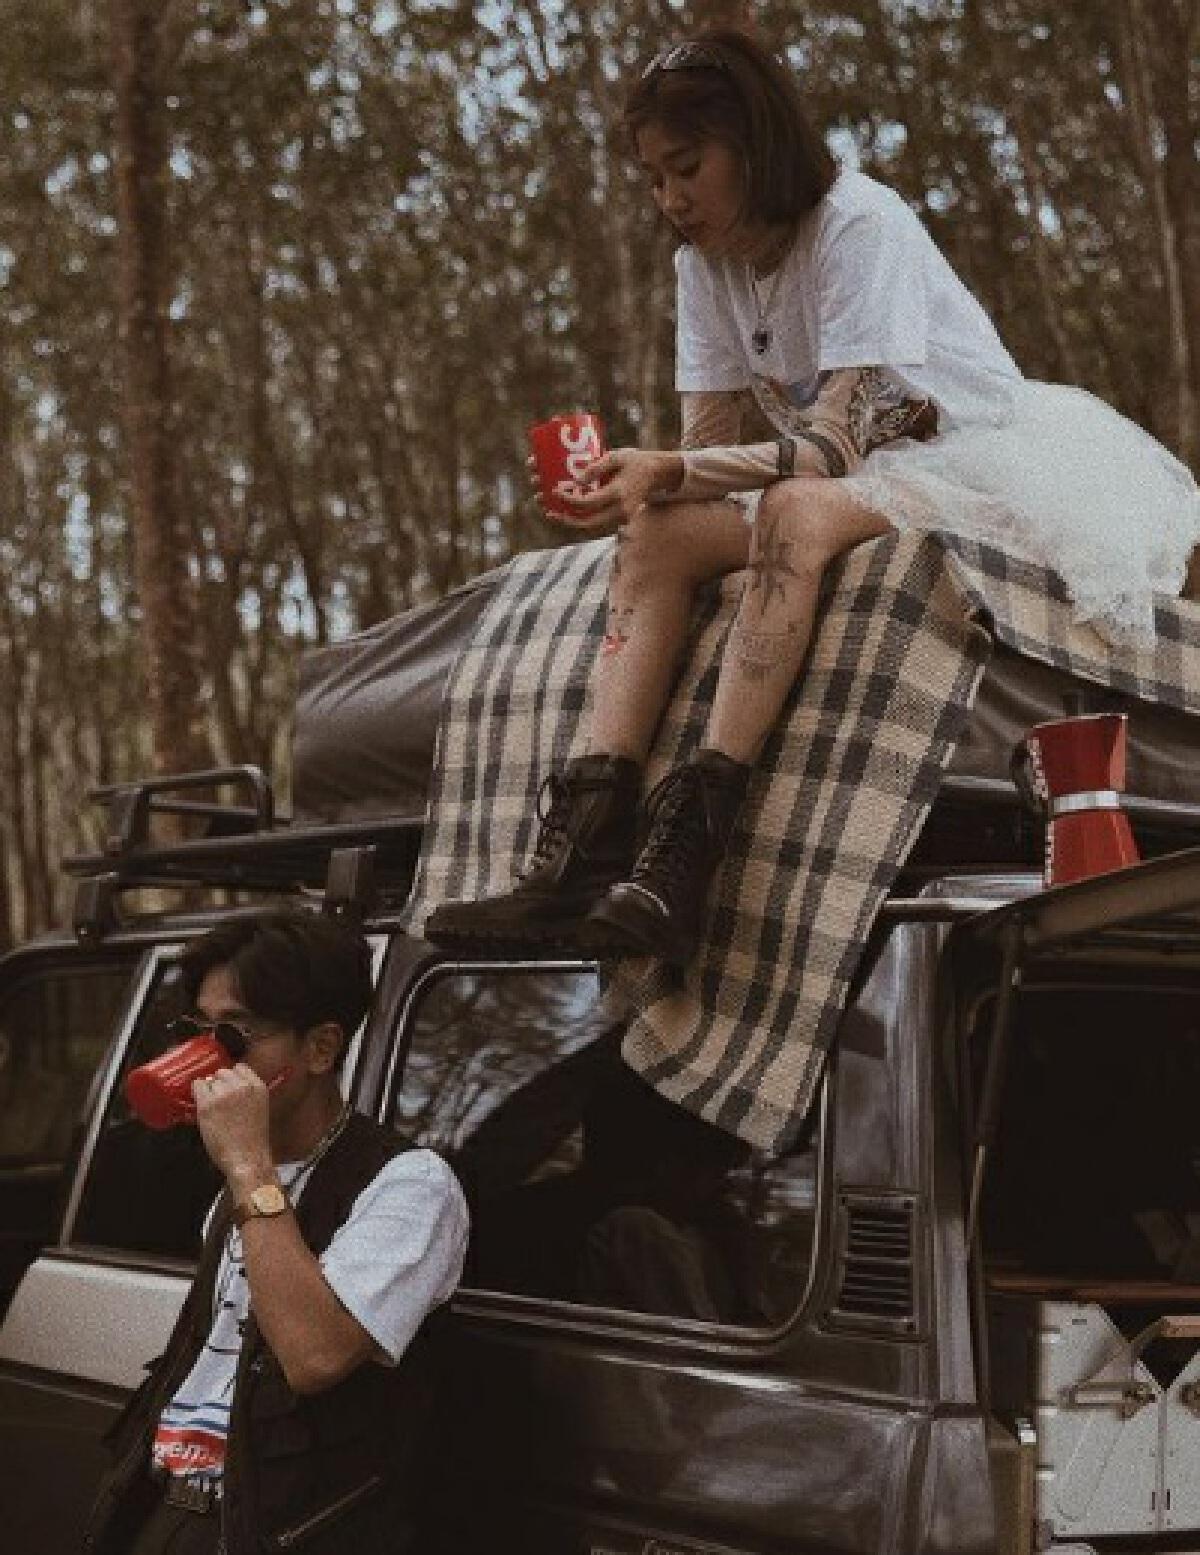 โทนี่-แก้ว โดนดราม่ายกเท้าพาดคอนโซล ไม่เคารพแม่ย่านางรถ